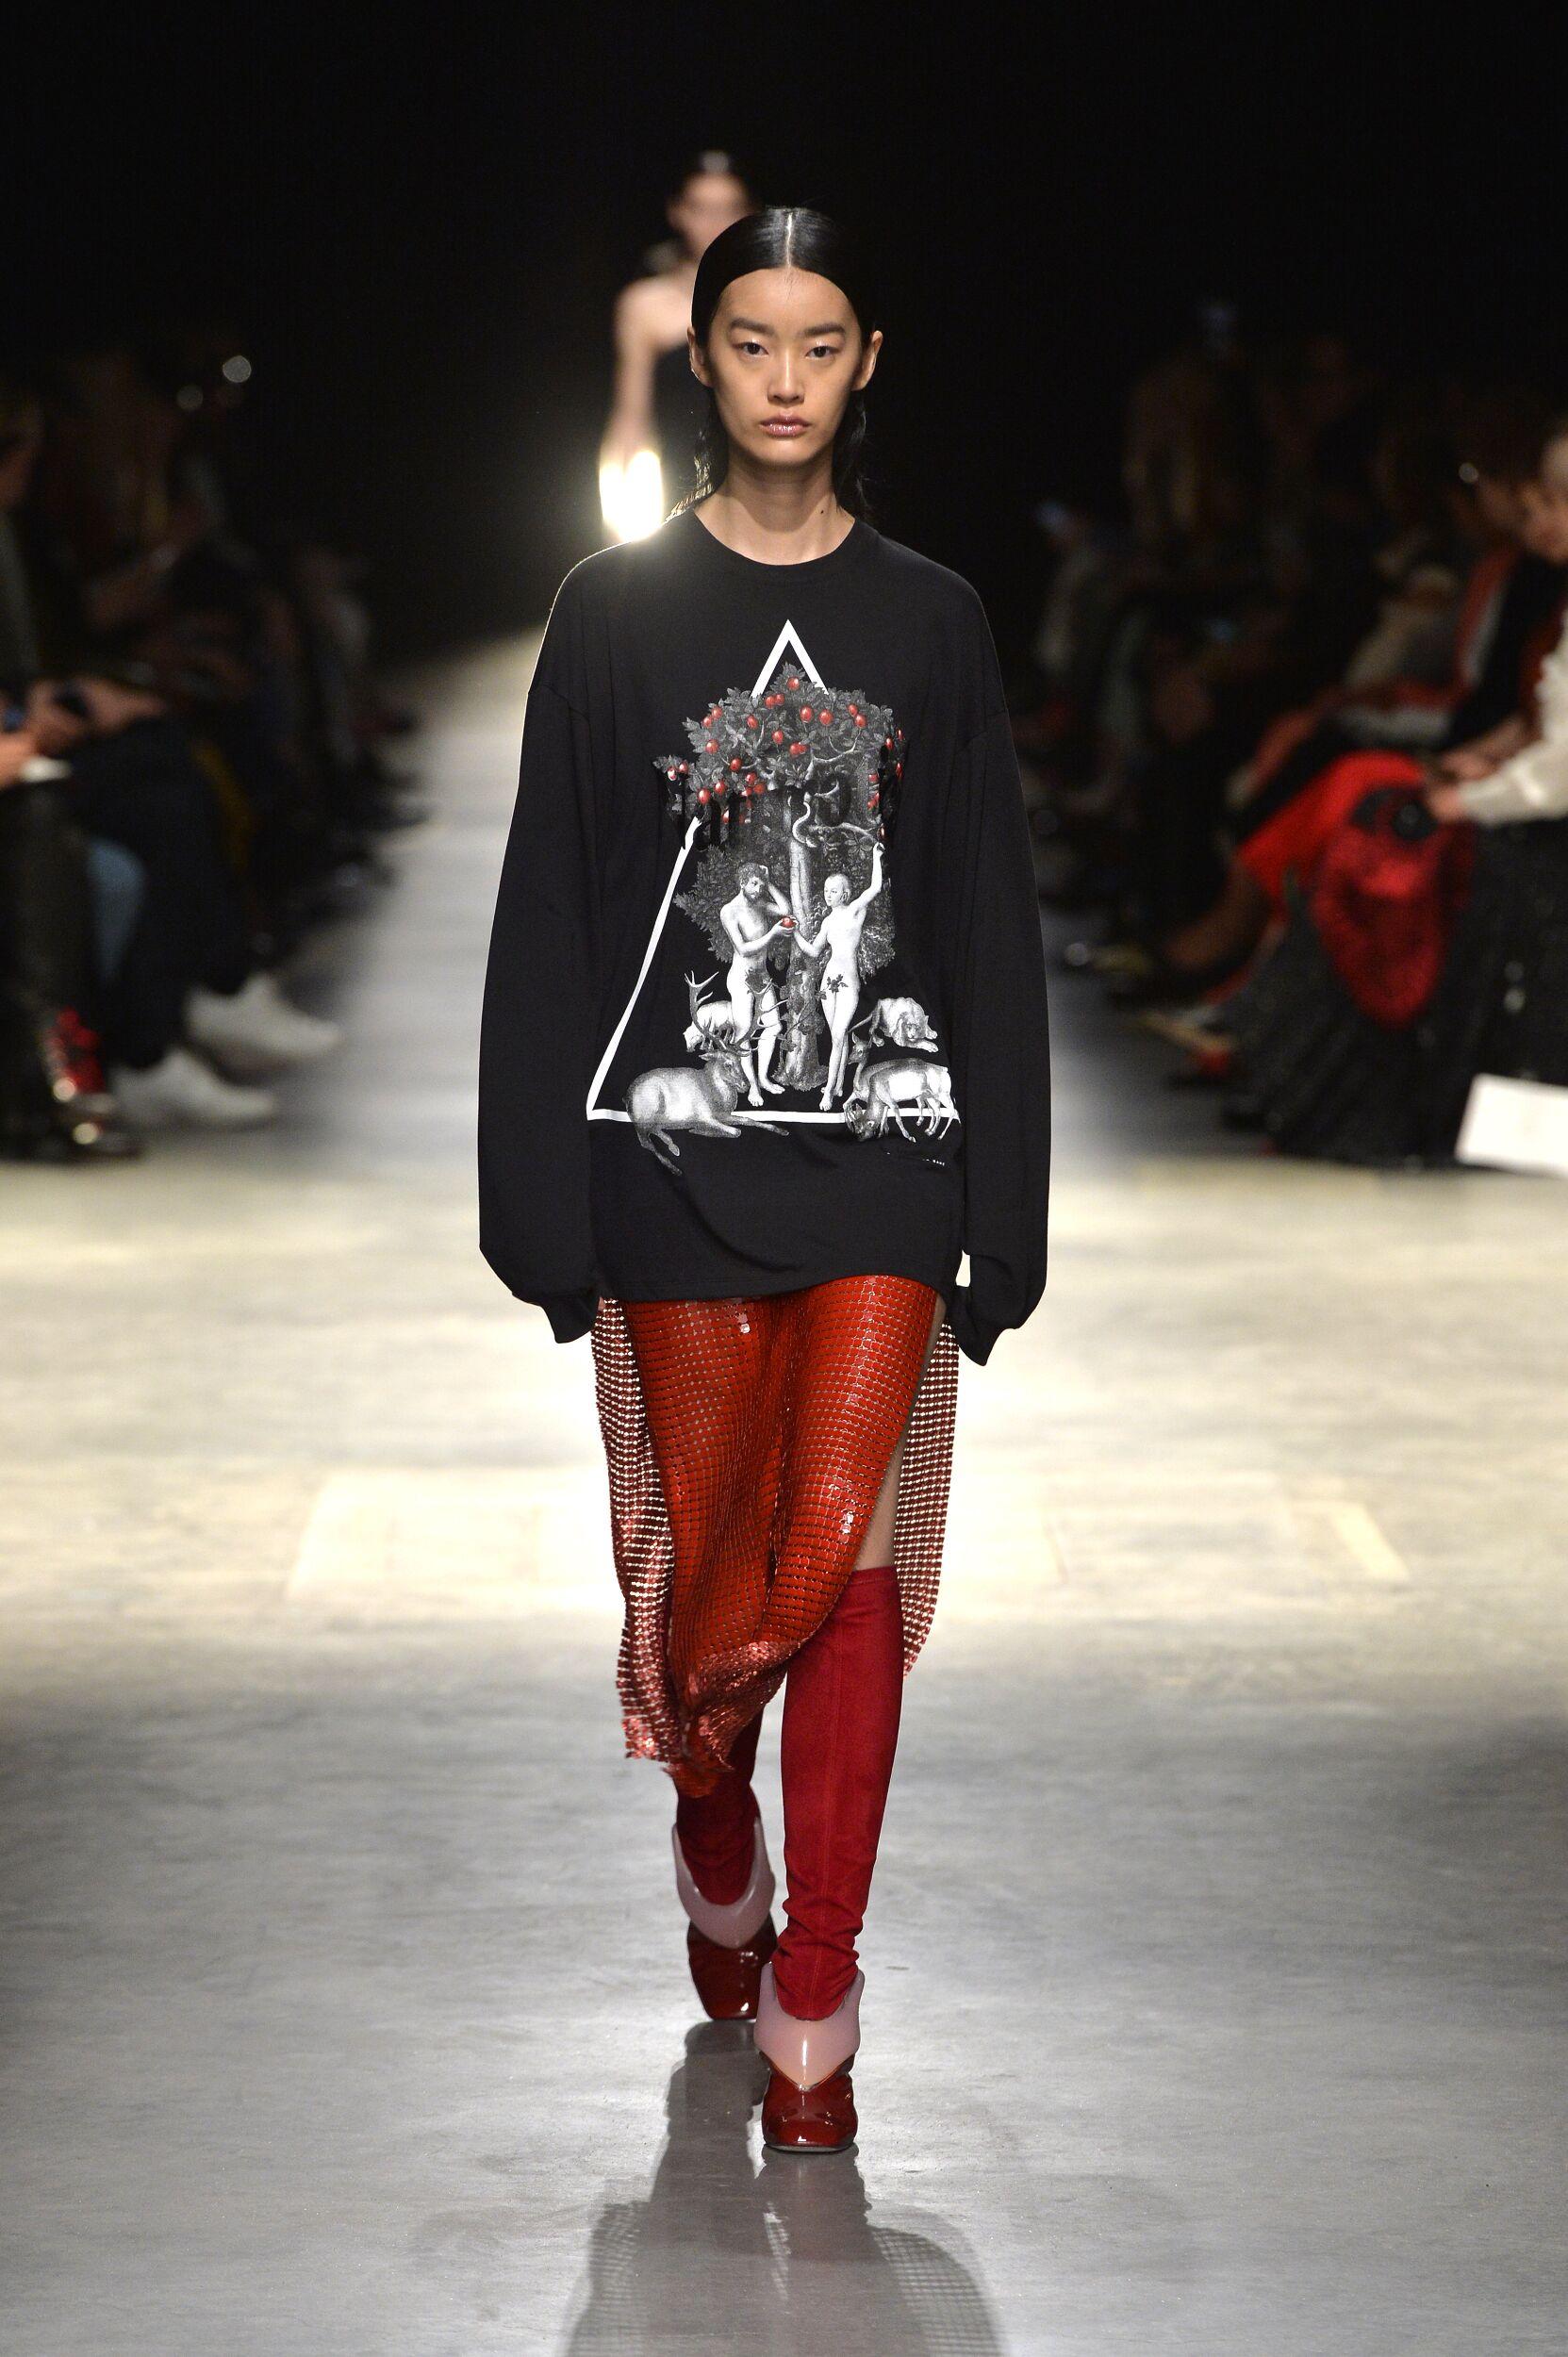 FW 2020-21 Christopher Kane Fashion Show London